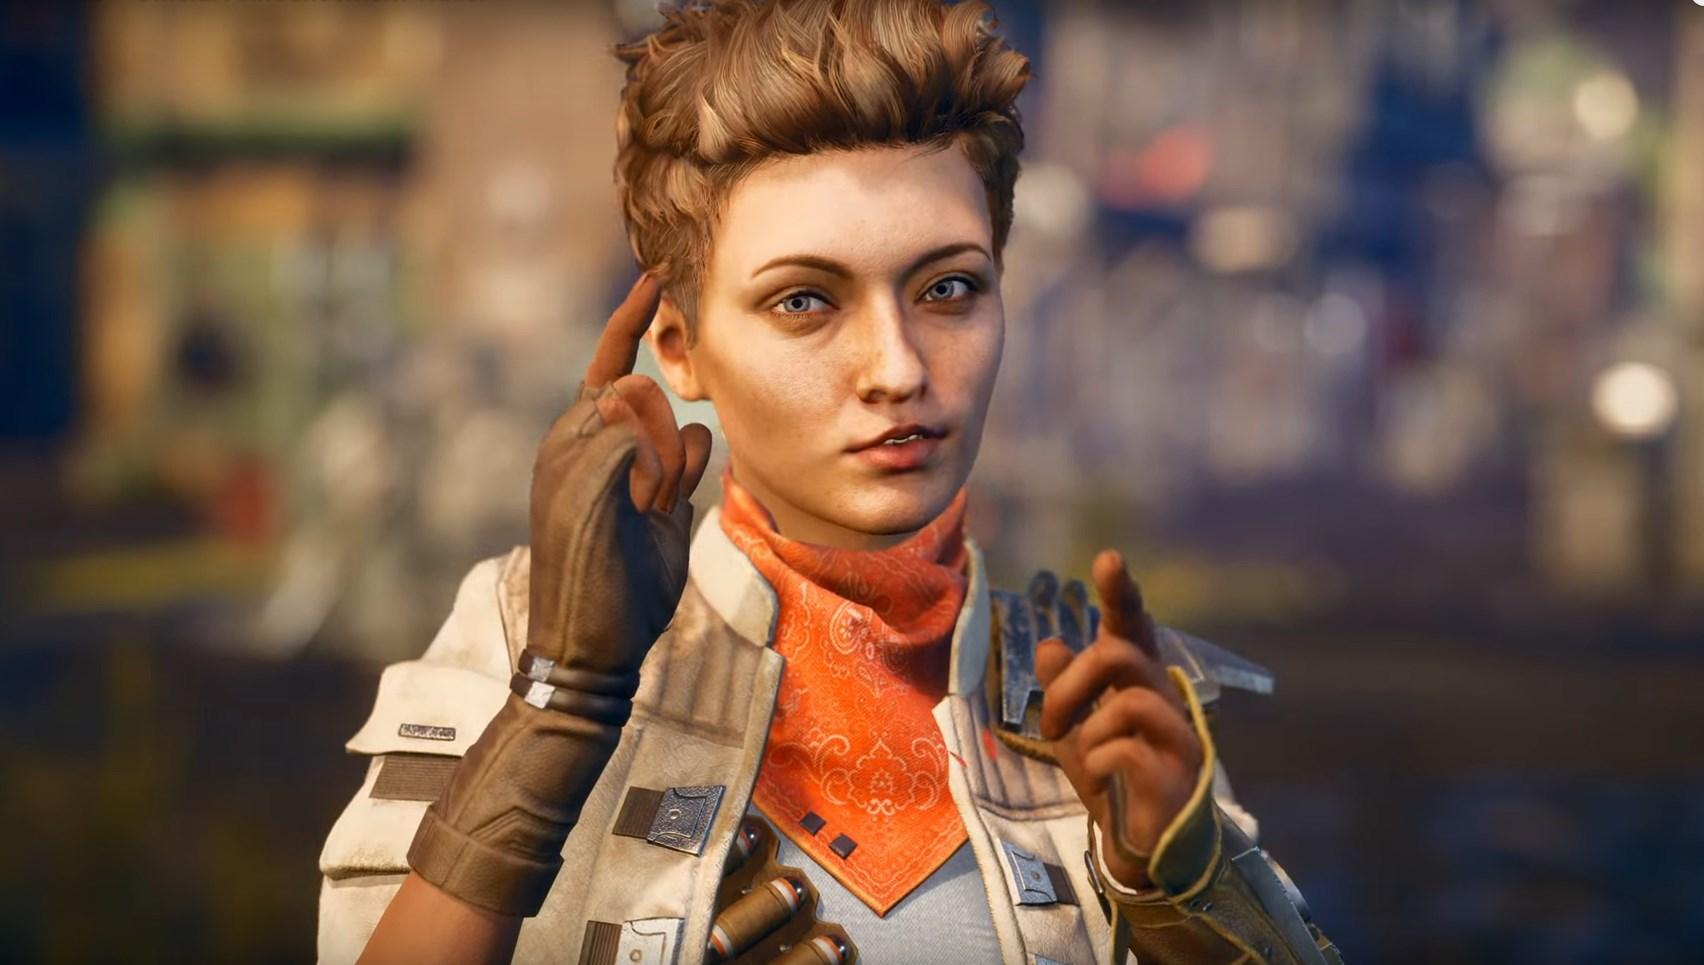 Cyberpunk 2077: варіативні прологи і ще дві гри з цієї всесвіту, кінцівки в The Outer Worlds – дайджест ігрових новин цього тижня від Cadelta. Частина перша